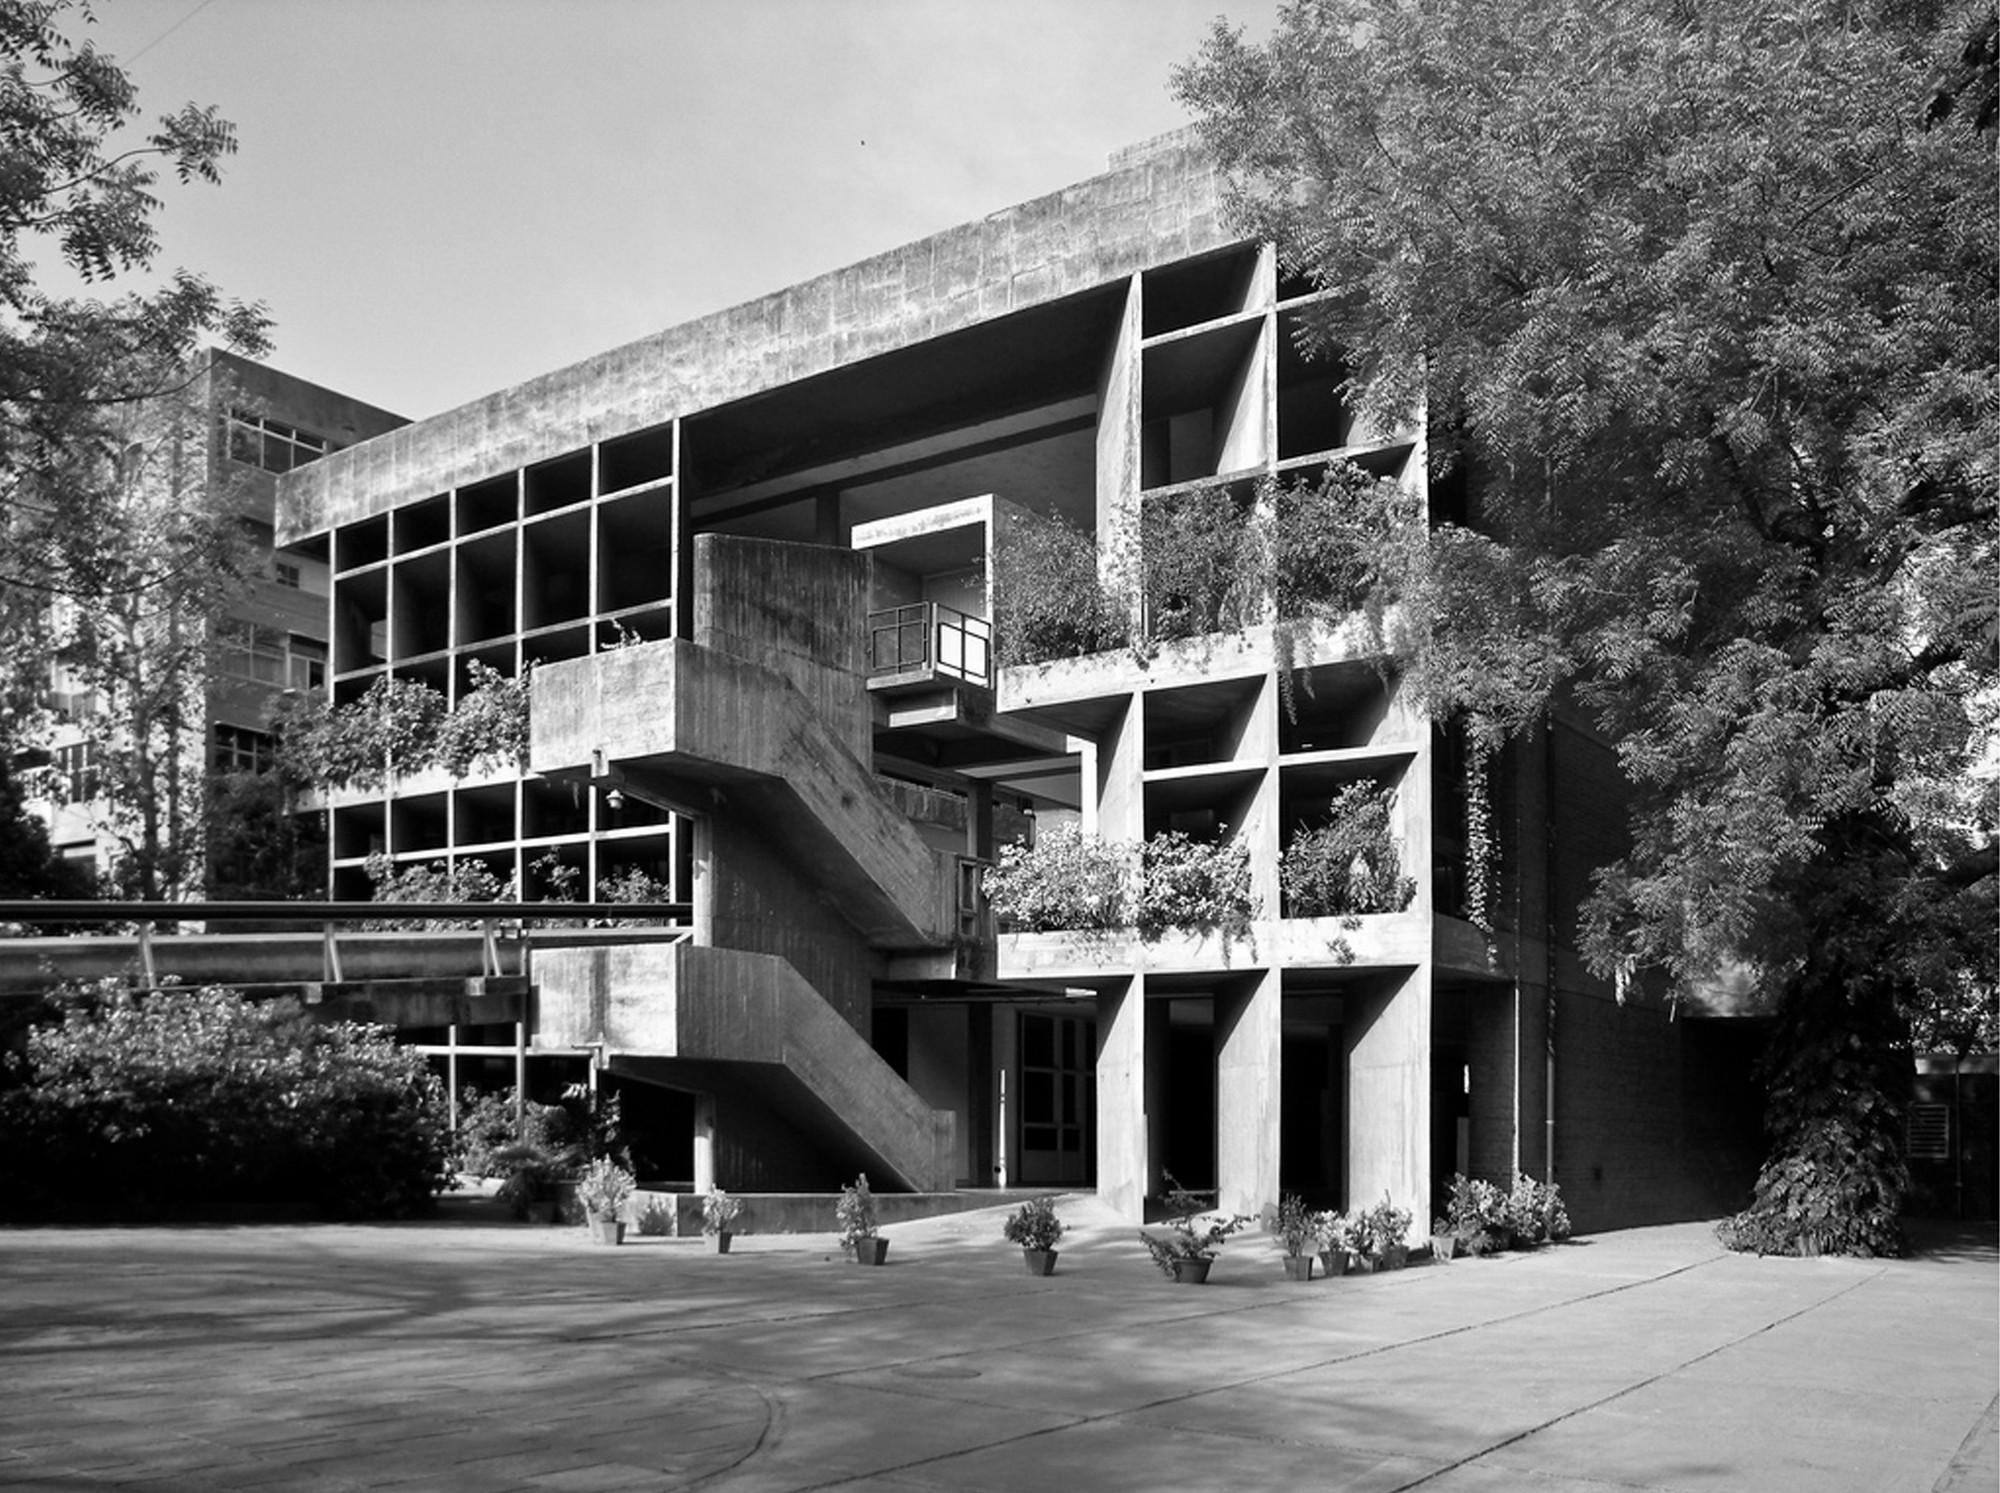 Clásicos de Arquitectura: Edificio de la Asociación de Propietarios de Mill / Le Corbusier, © motaleb architekten